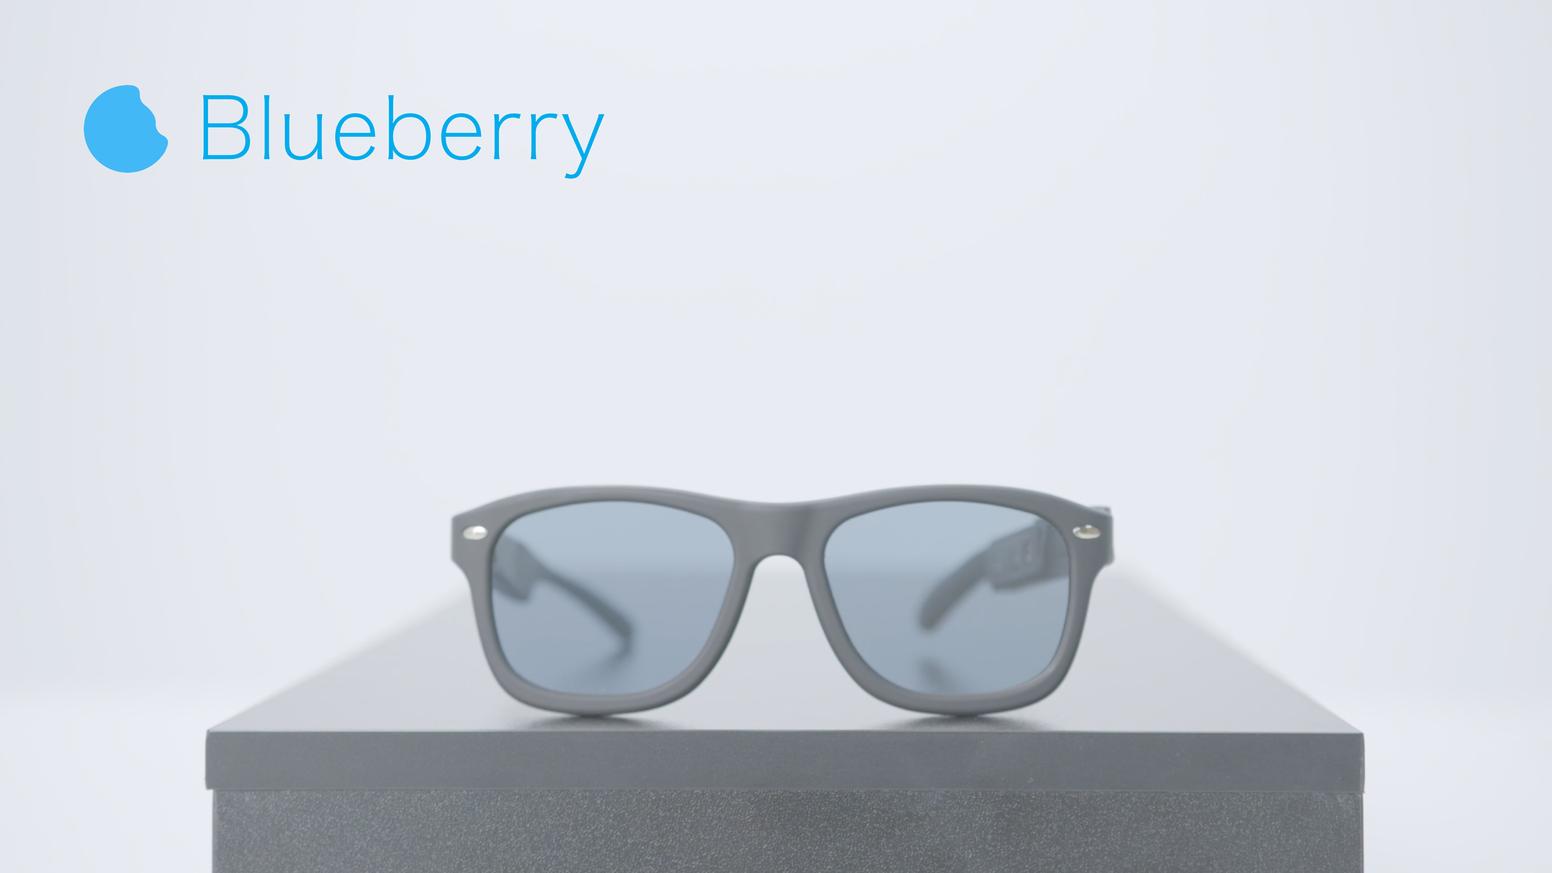 照片中提到了Blueberry,包含了眼鏡、眼鏡、墨鏡、智能眼鏡、可穿戴技術